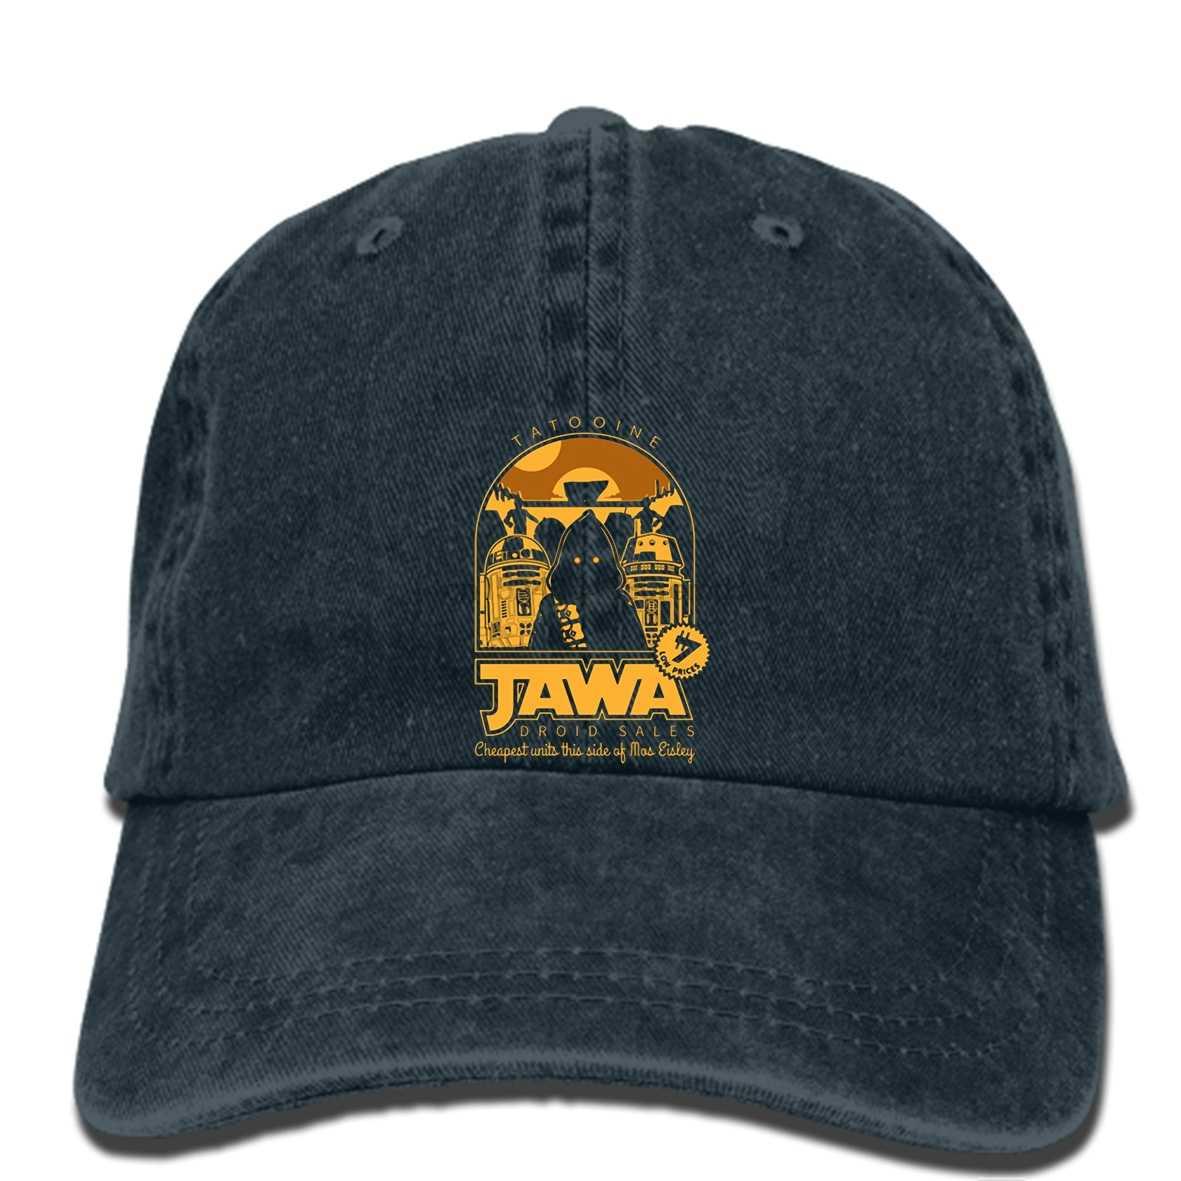 superior quality e5ba2 1c8ab hip hop Baseball caps Free Shipping Cool Jawa Droid Sales Star Tattooine  Wars R2D2 Cp3O 3D